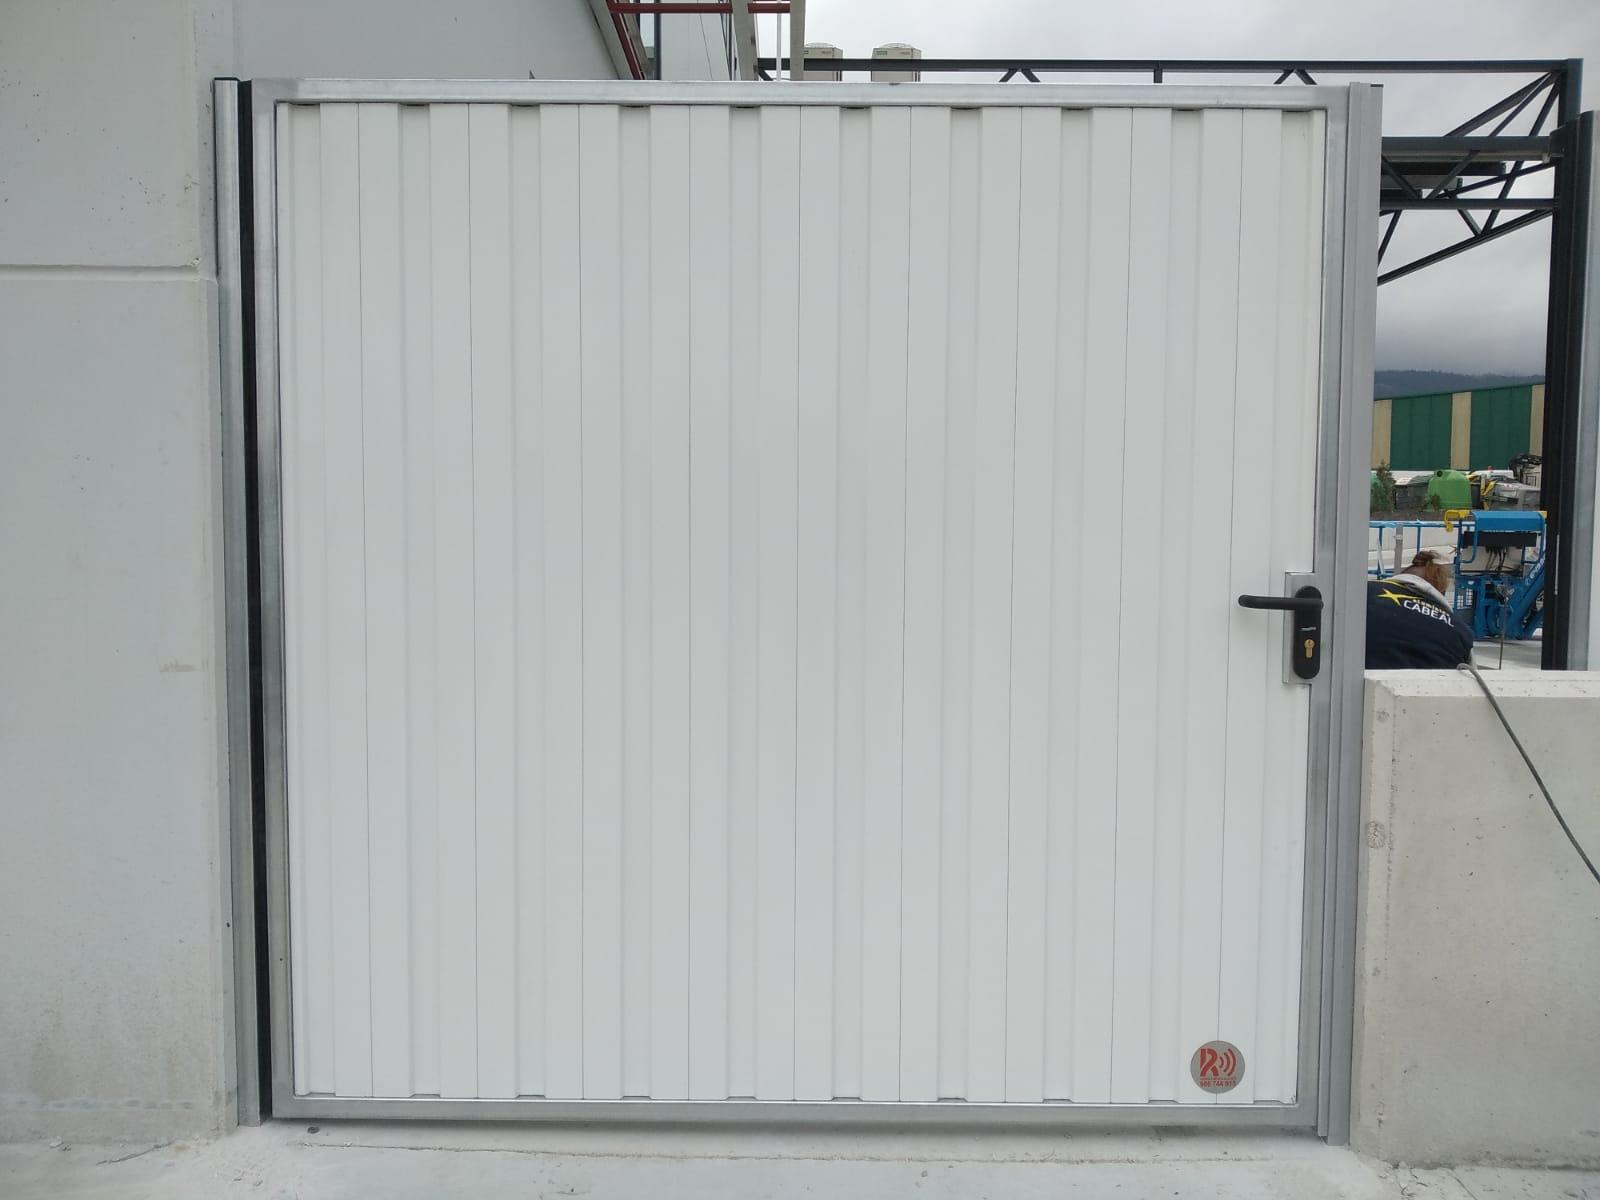 Portales corredera y batiente industriales instalados en Nigrán (Pontevedra) 5